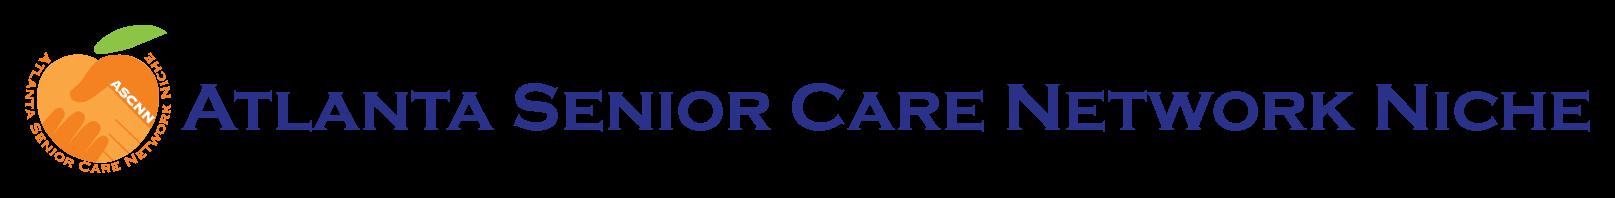 Atlanta Senior Care Network Niche